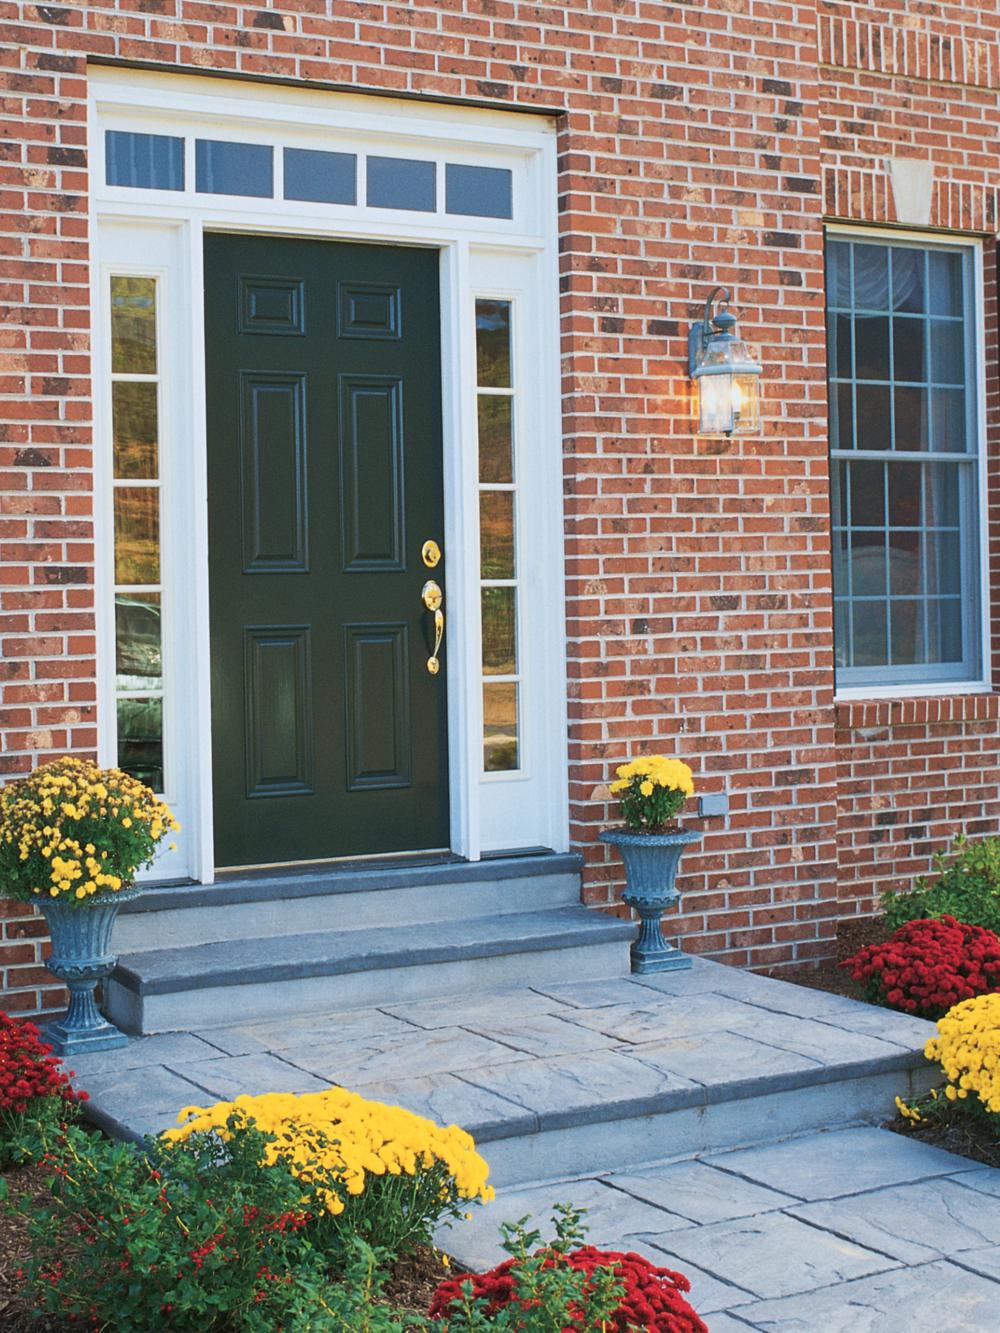 MI Windows, Lancaster, York, Harrisburg, Reading, Berks, Windows, Window replacement, window, window renovations, Berks County, door, door installation, glass door, door replacement